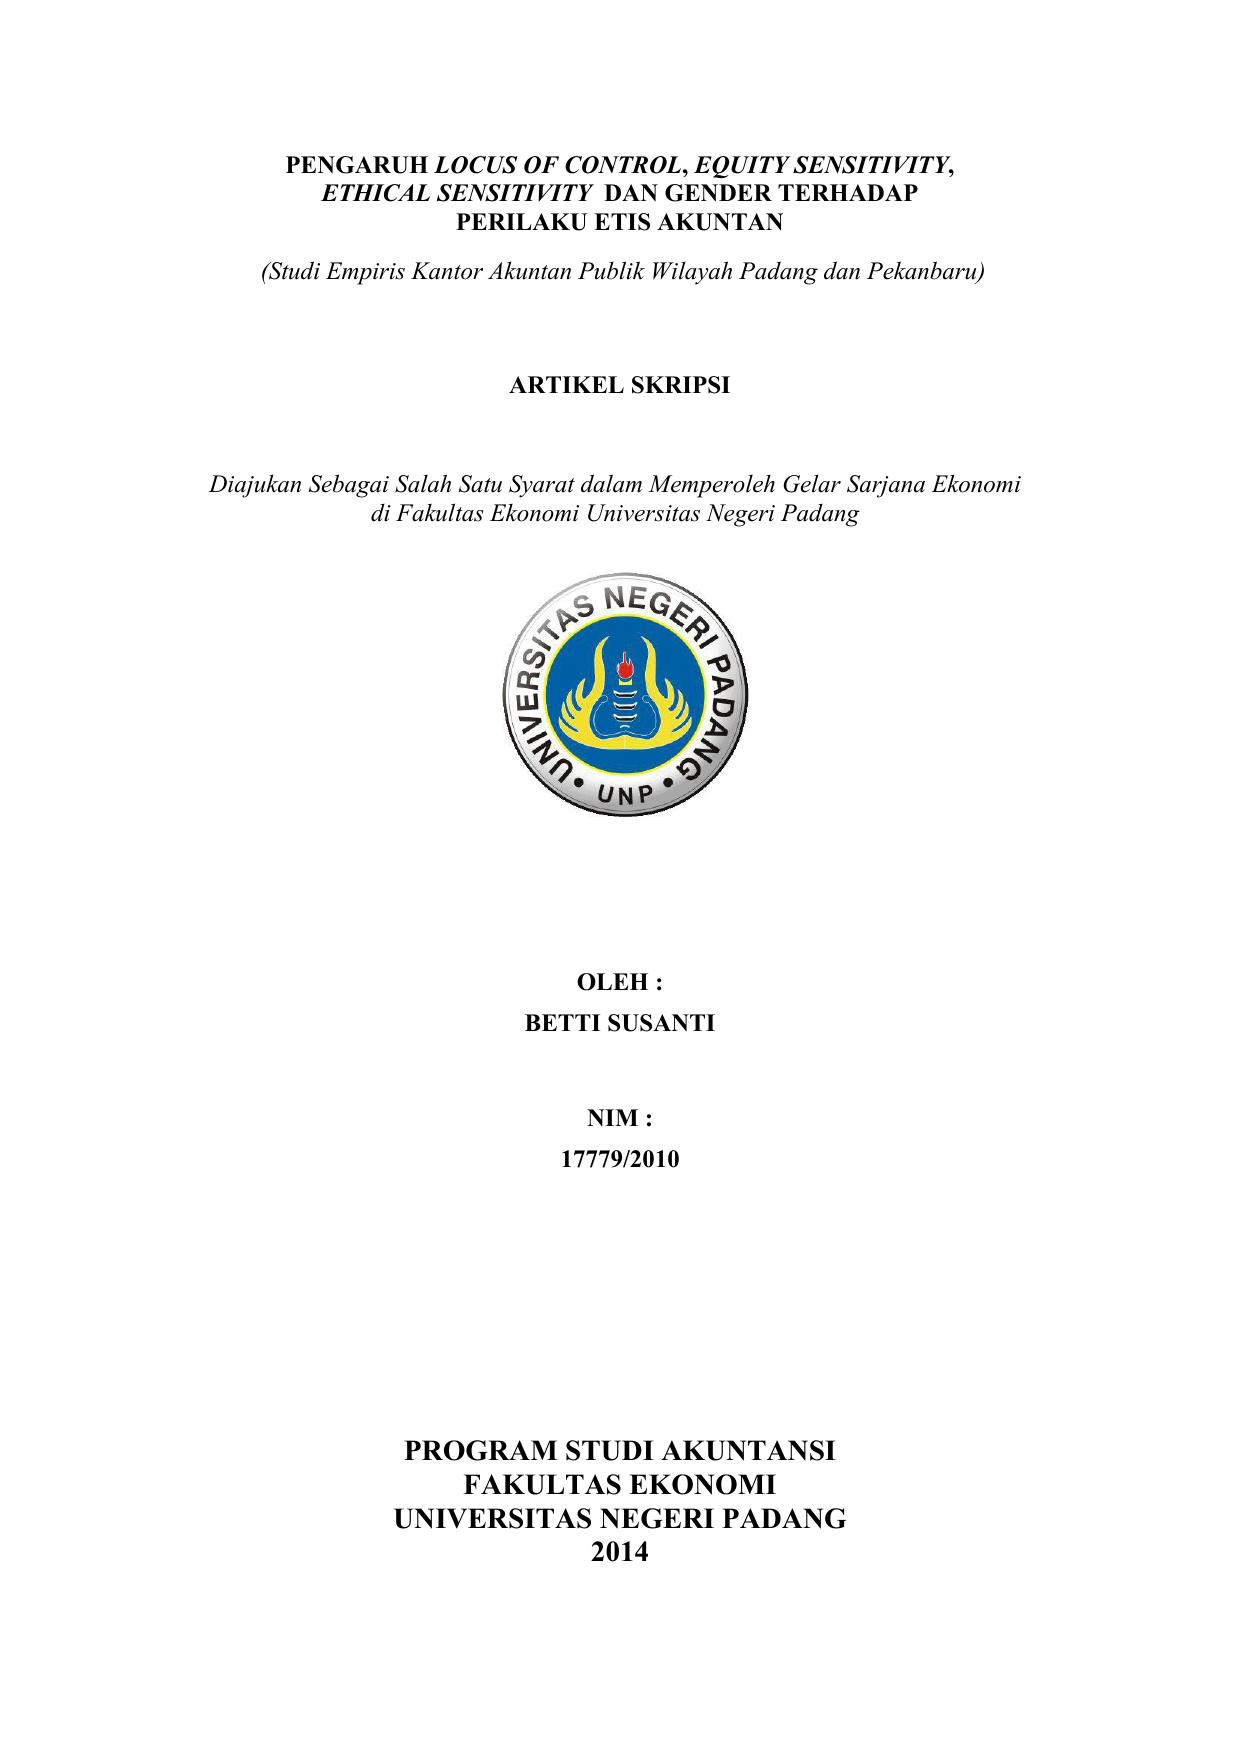 Program Studi Akuntansi Fakultas Ekonomi E